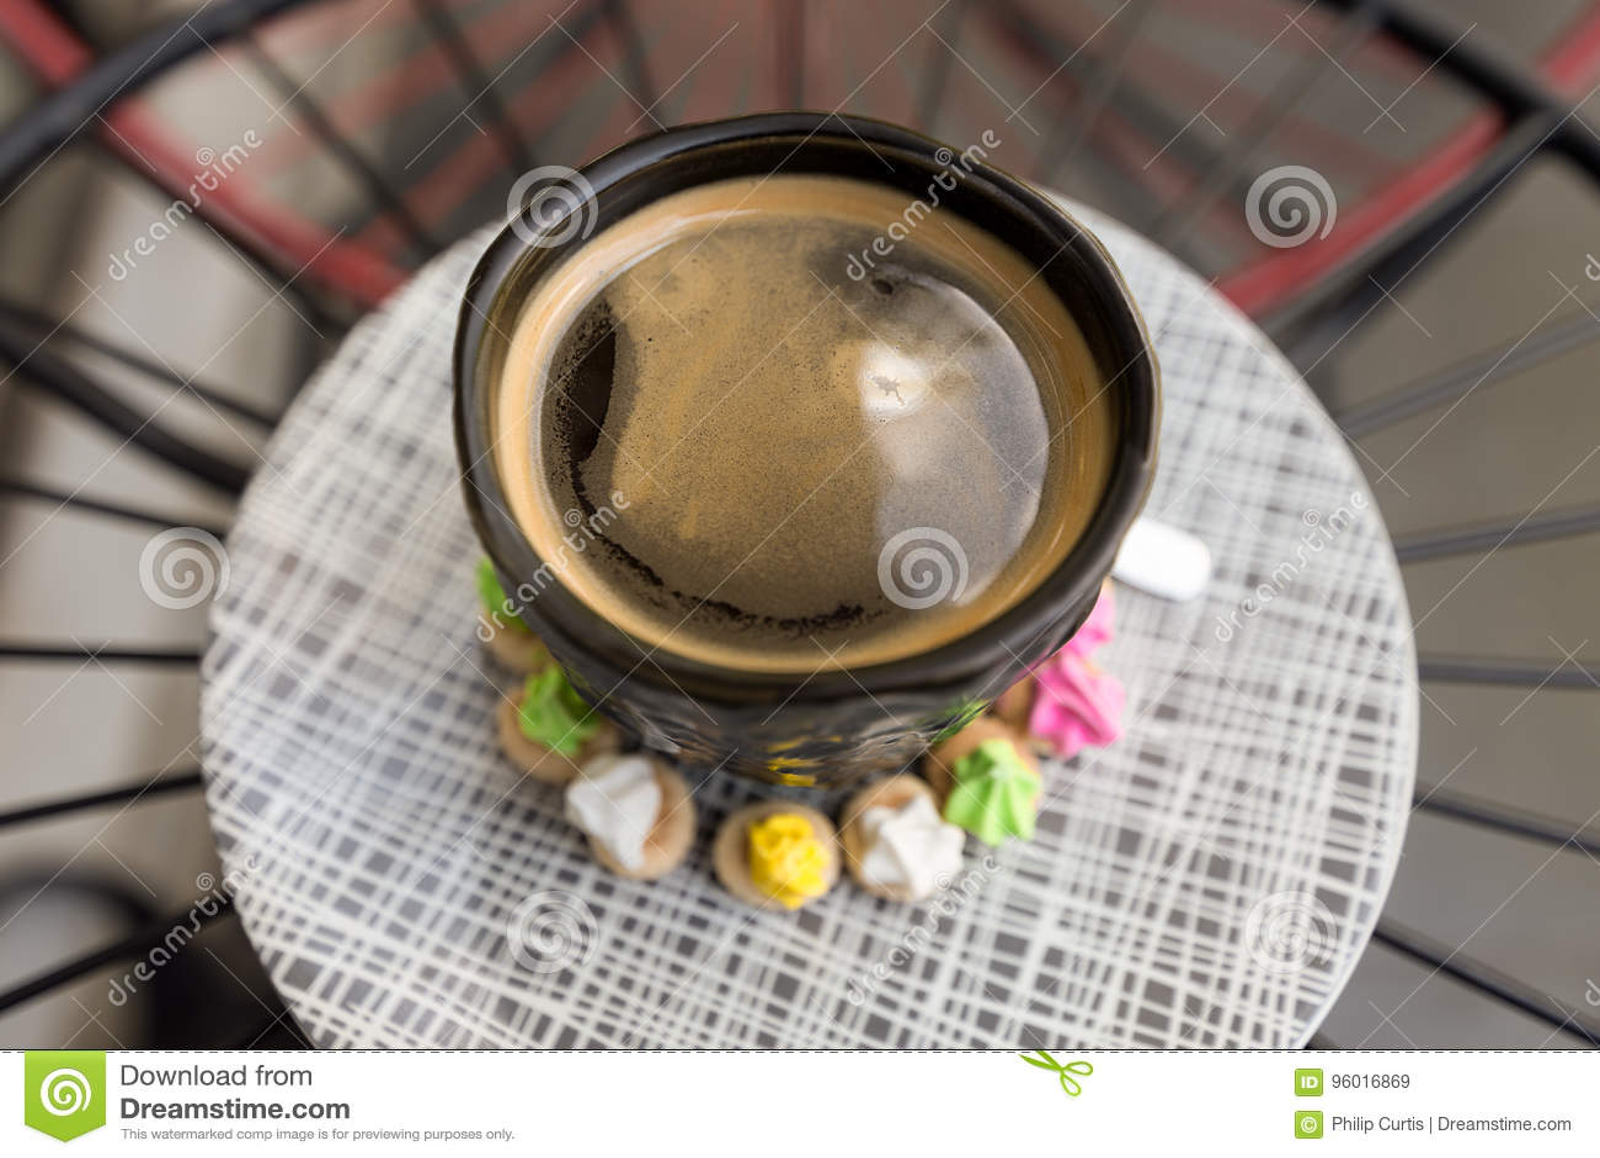 Hete Americano-koffie met cremabovenkant in een elegant zwart glas surr